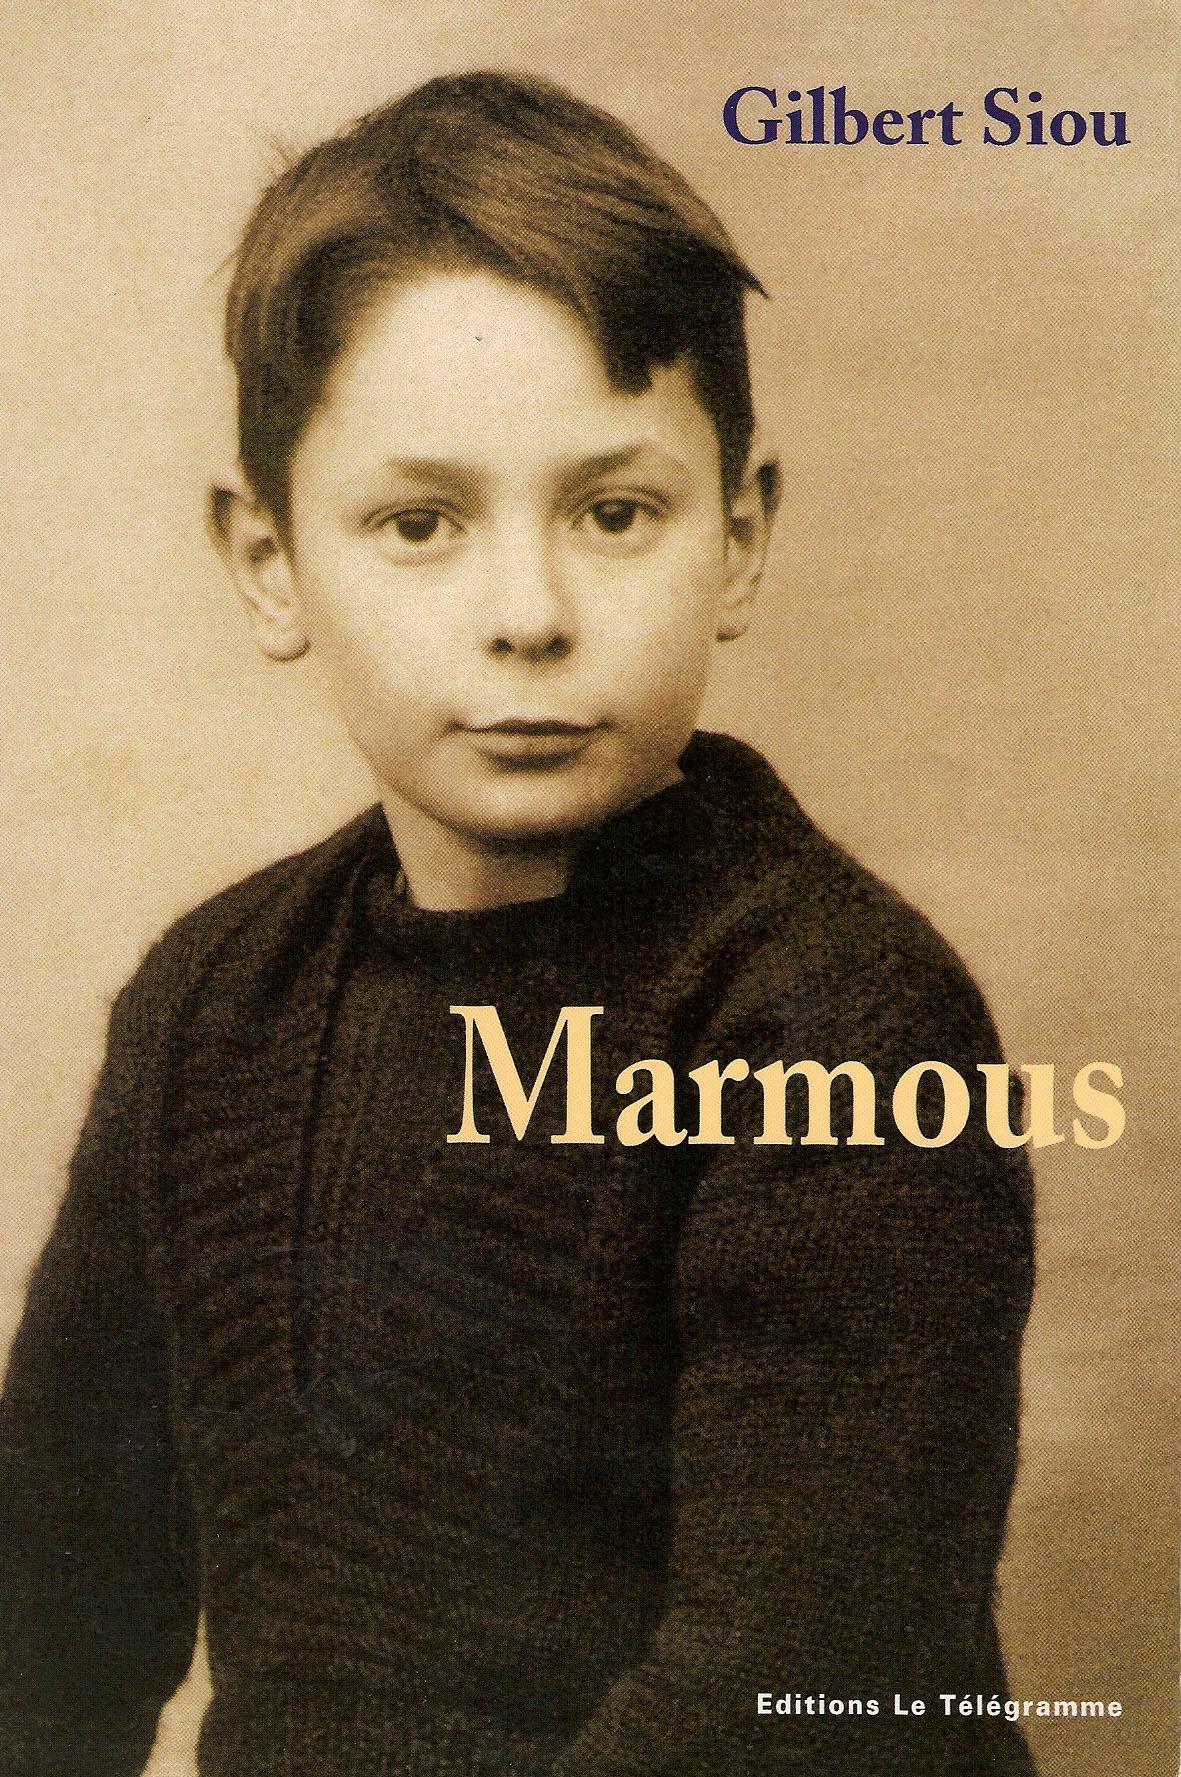 Gilbert à neuf ans